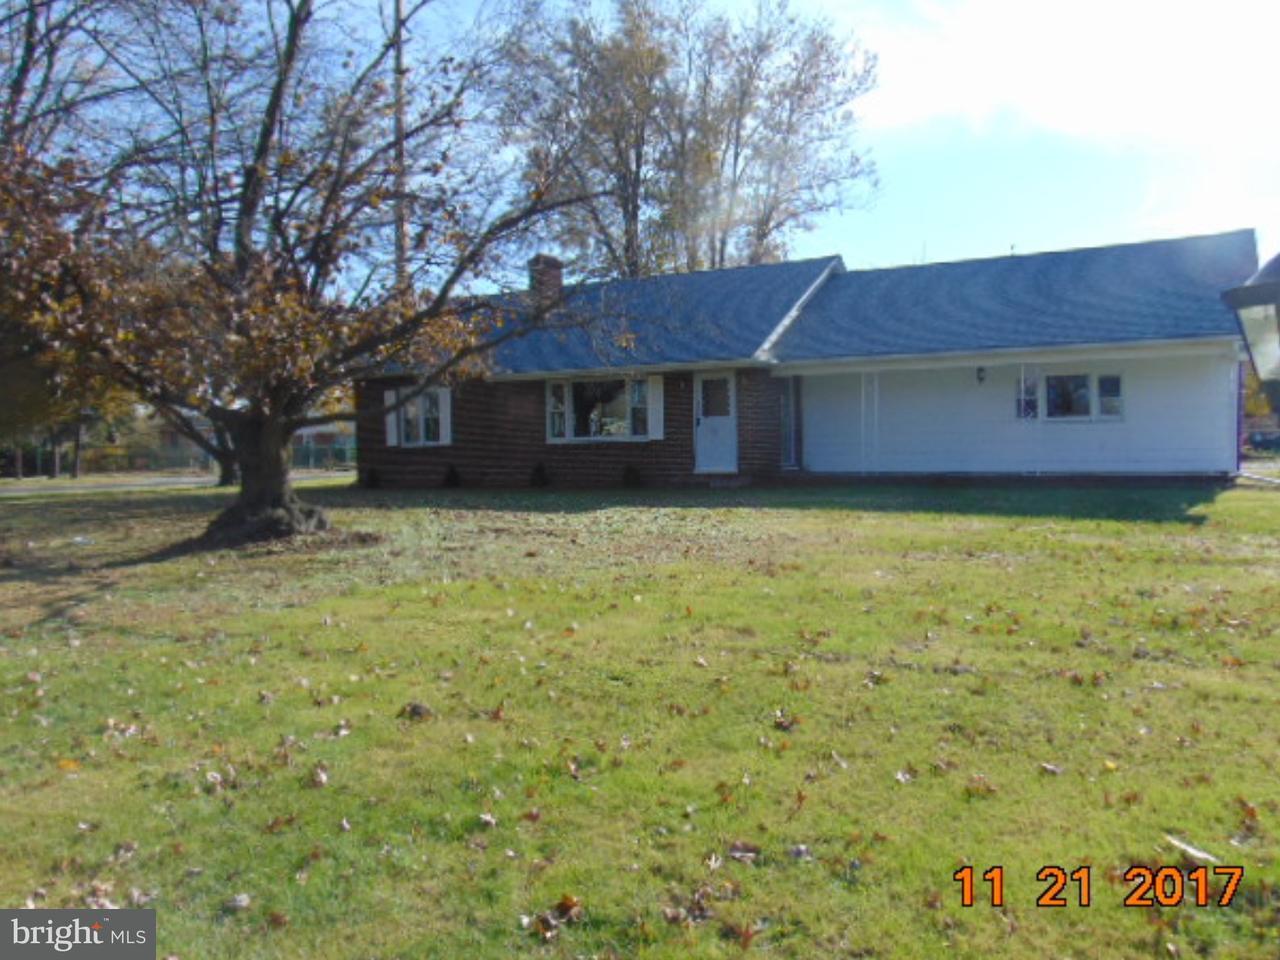 Частный односемейный дом для того Продажа на 310 SWEDESBORO Road Gibbstown, Нью-Джерси 08027 Соединенные Штаты